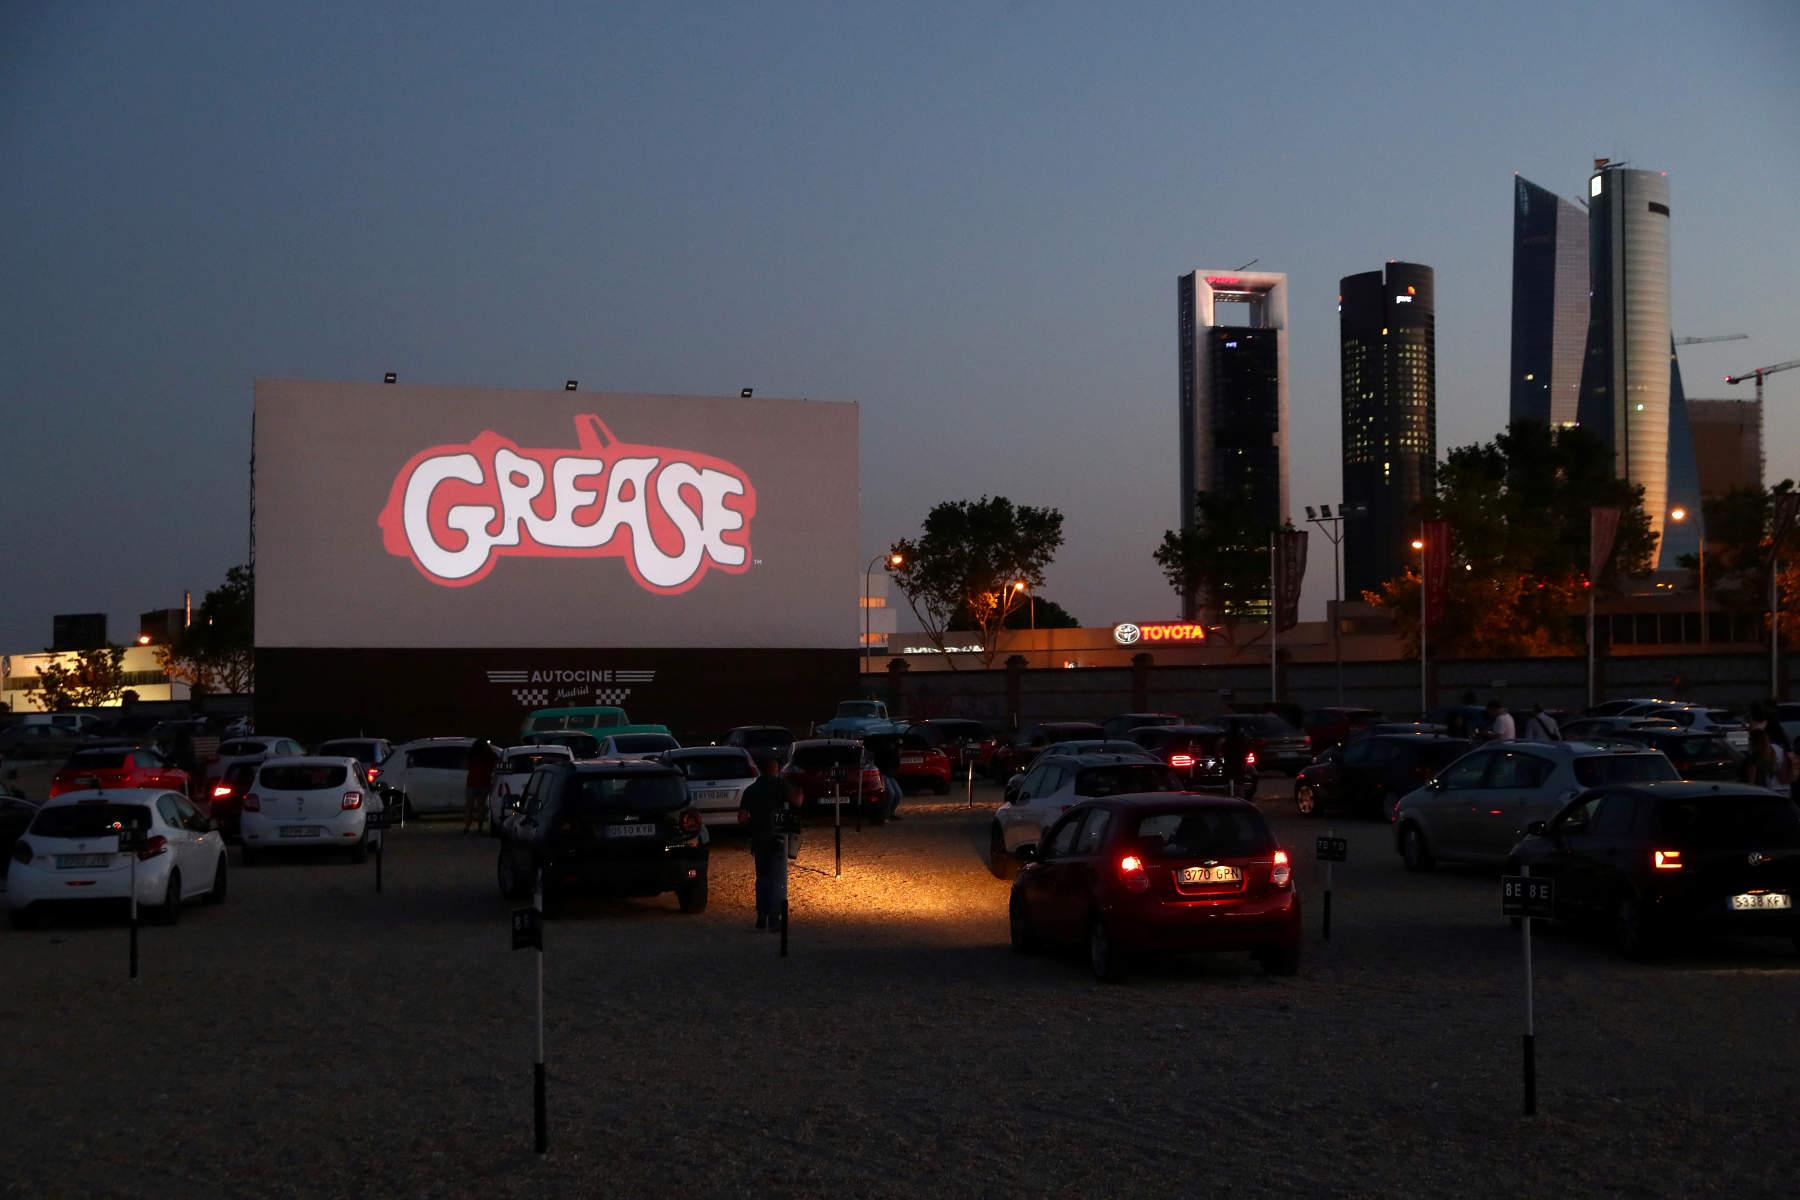 Πρεμιέρα με το κλασικό «Grease» για κινηματογράφο drive-in στη Μαδρίτη